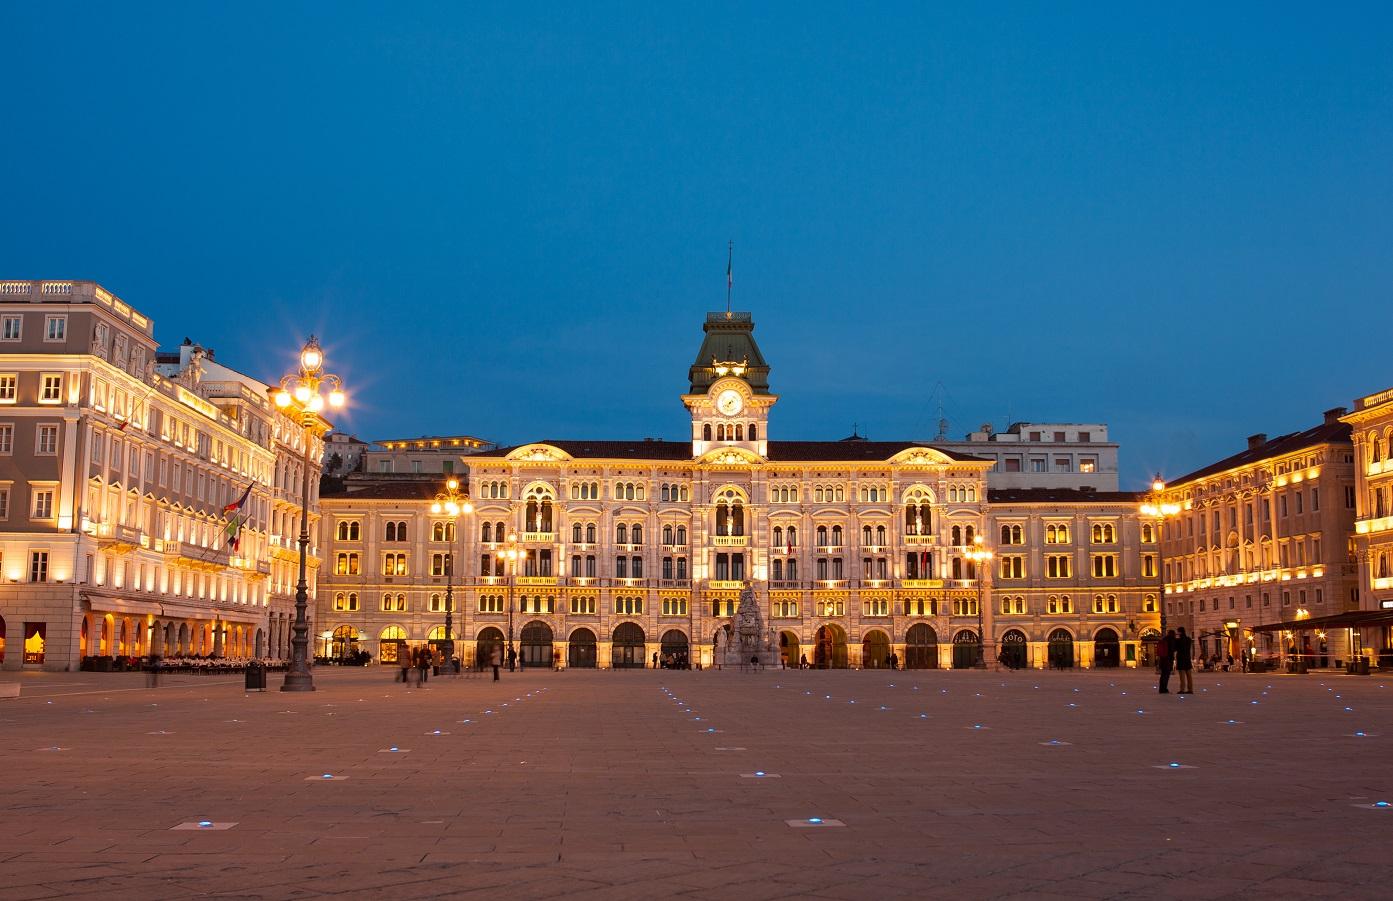 Trieste Capitale Europea della Scienza nel 2020